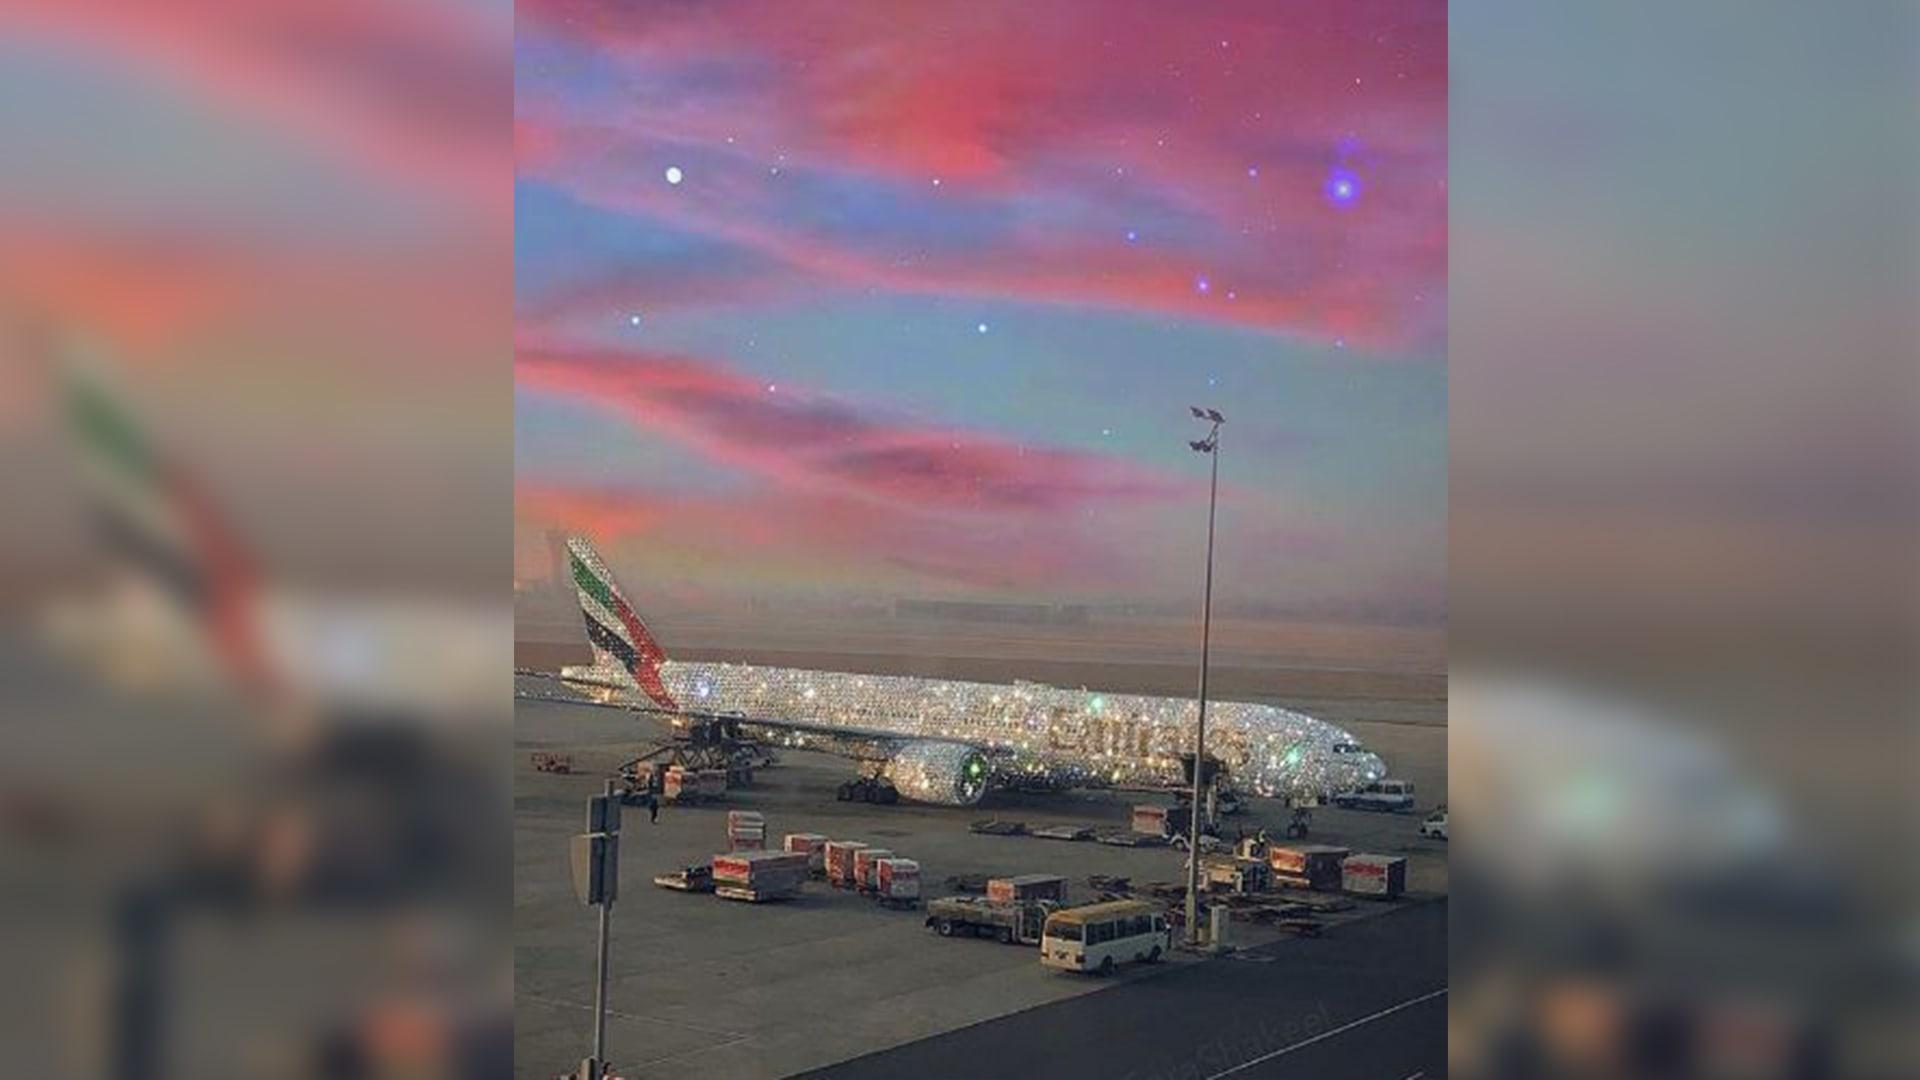 ما حقيقة صورة هذه الطائرة الإماراتية المرصعّة بالألماس؟